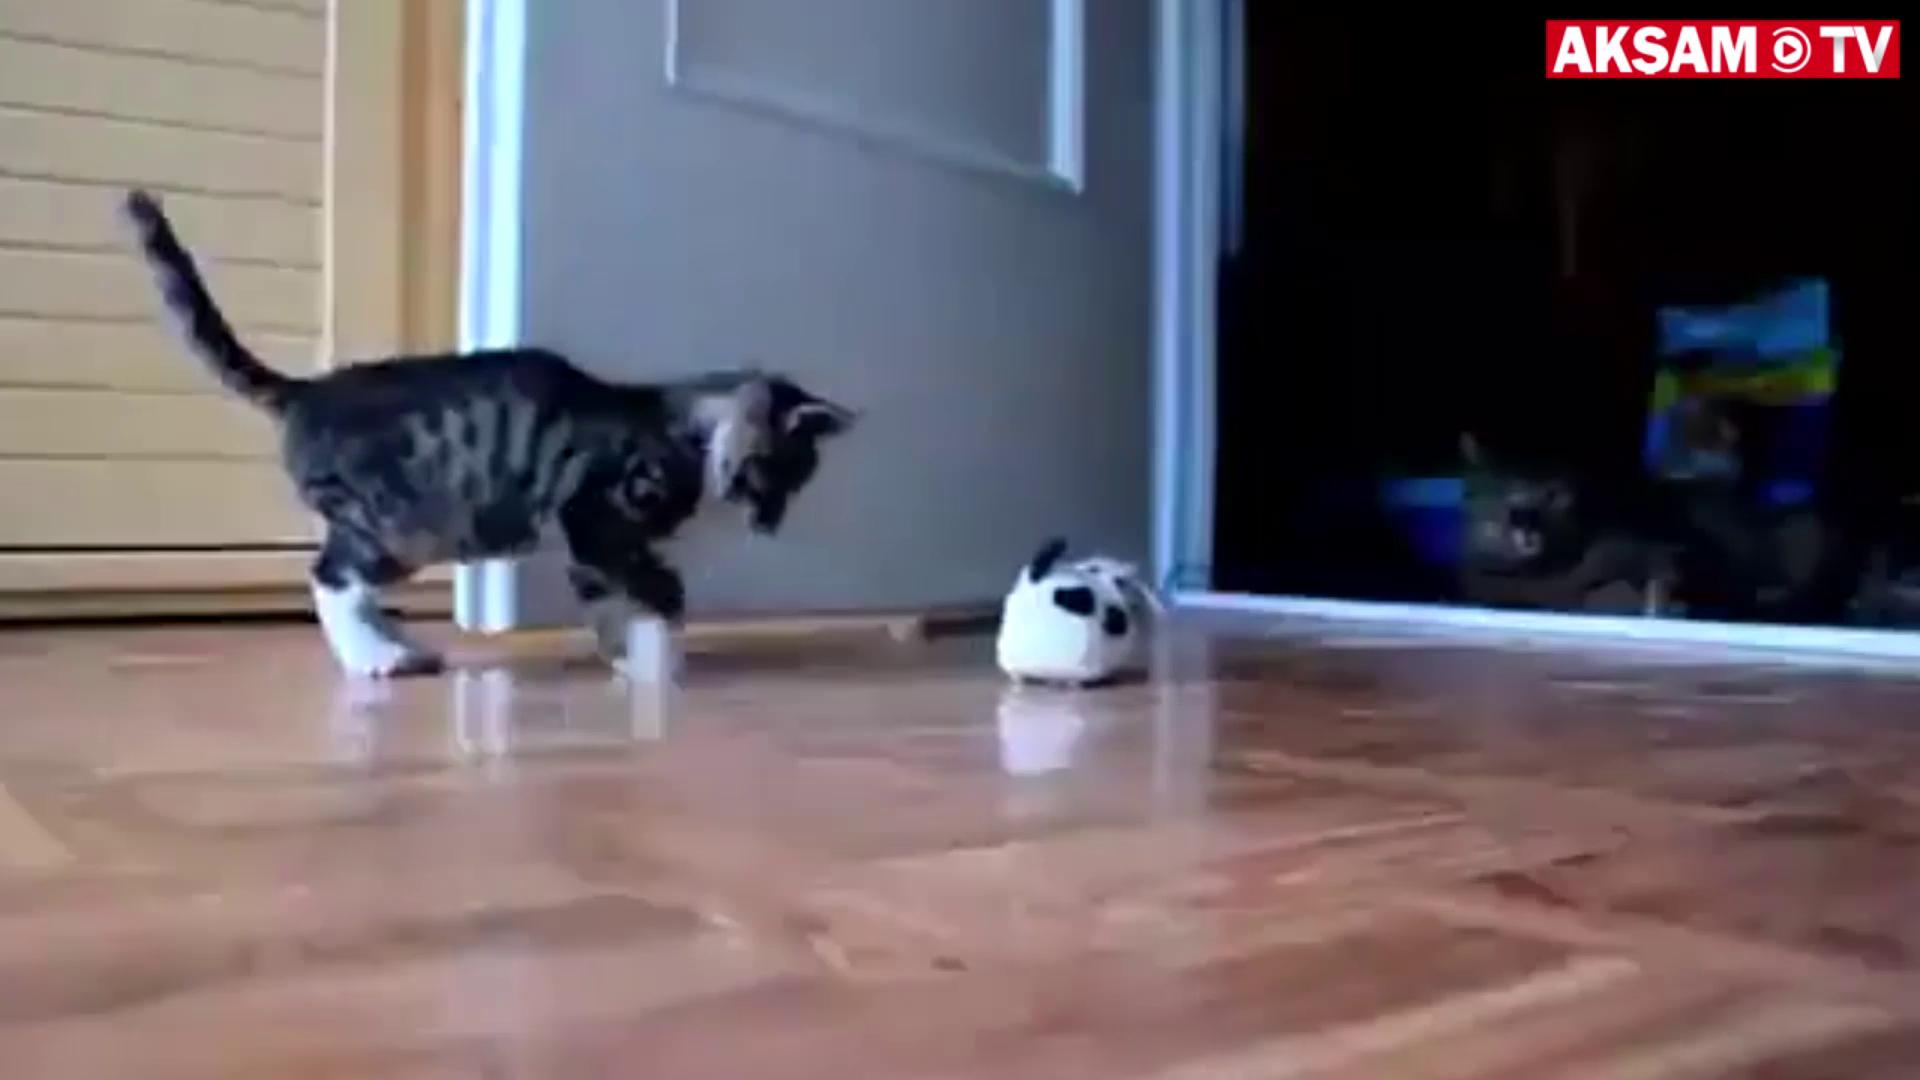 Oyuncakla gerçekmiş gibi kavga eden kedi